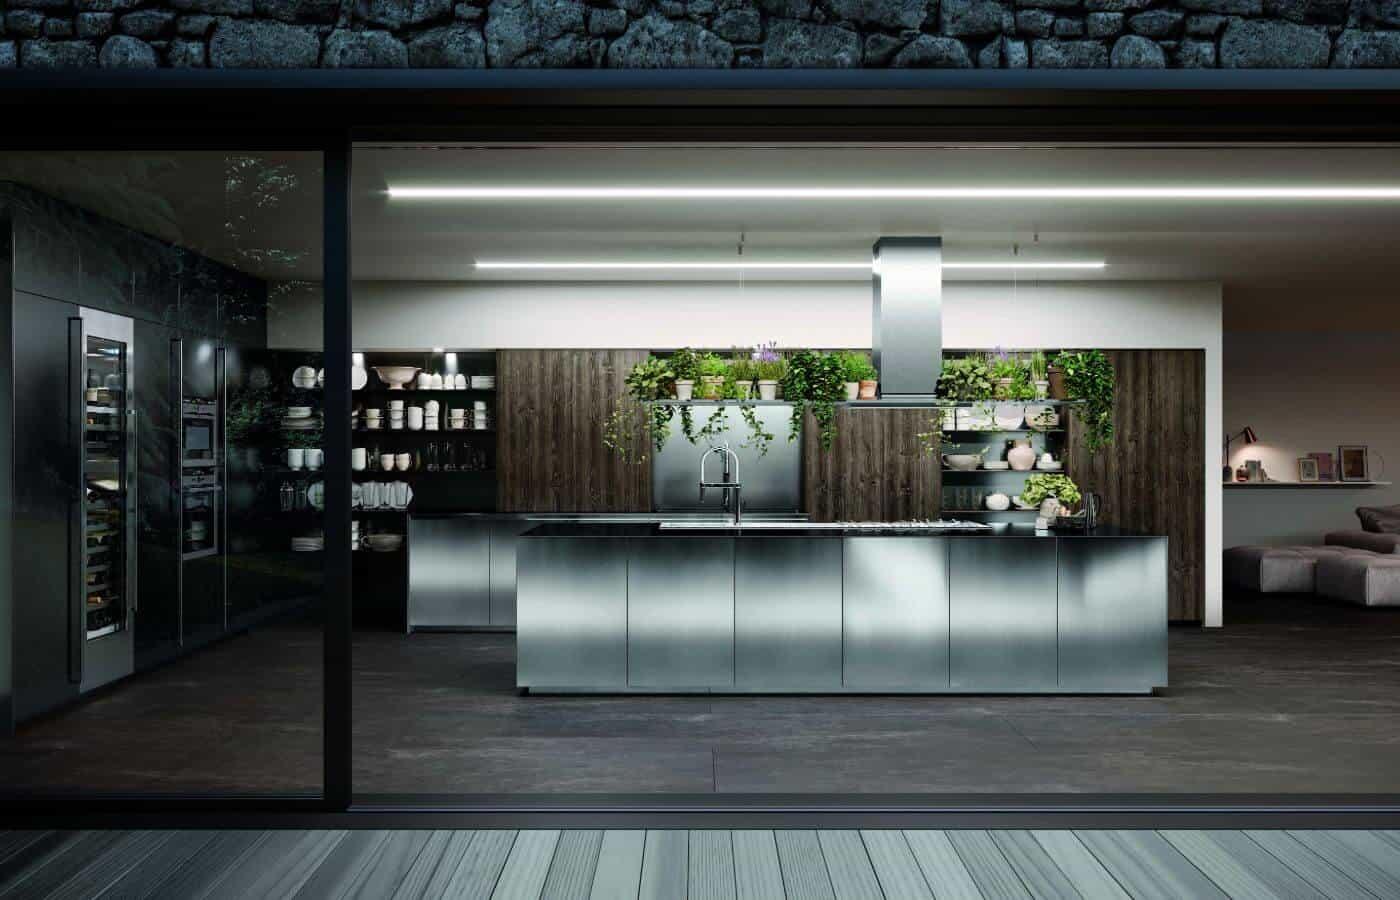 cucina-collezione-stoccolma-il-mobile (1)